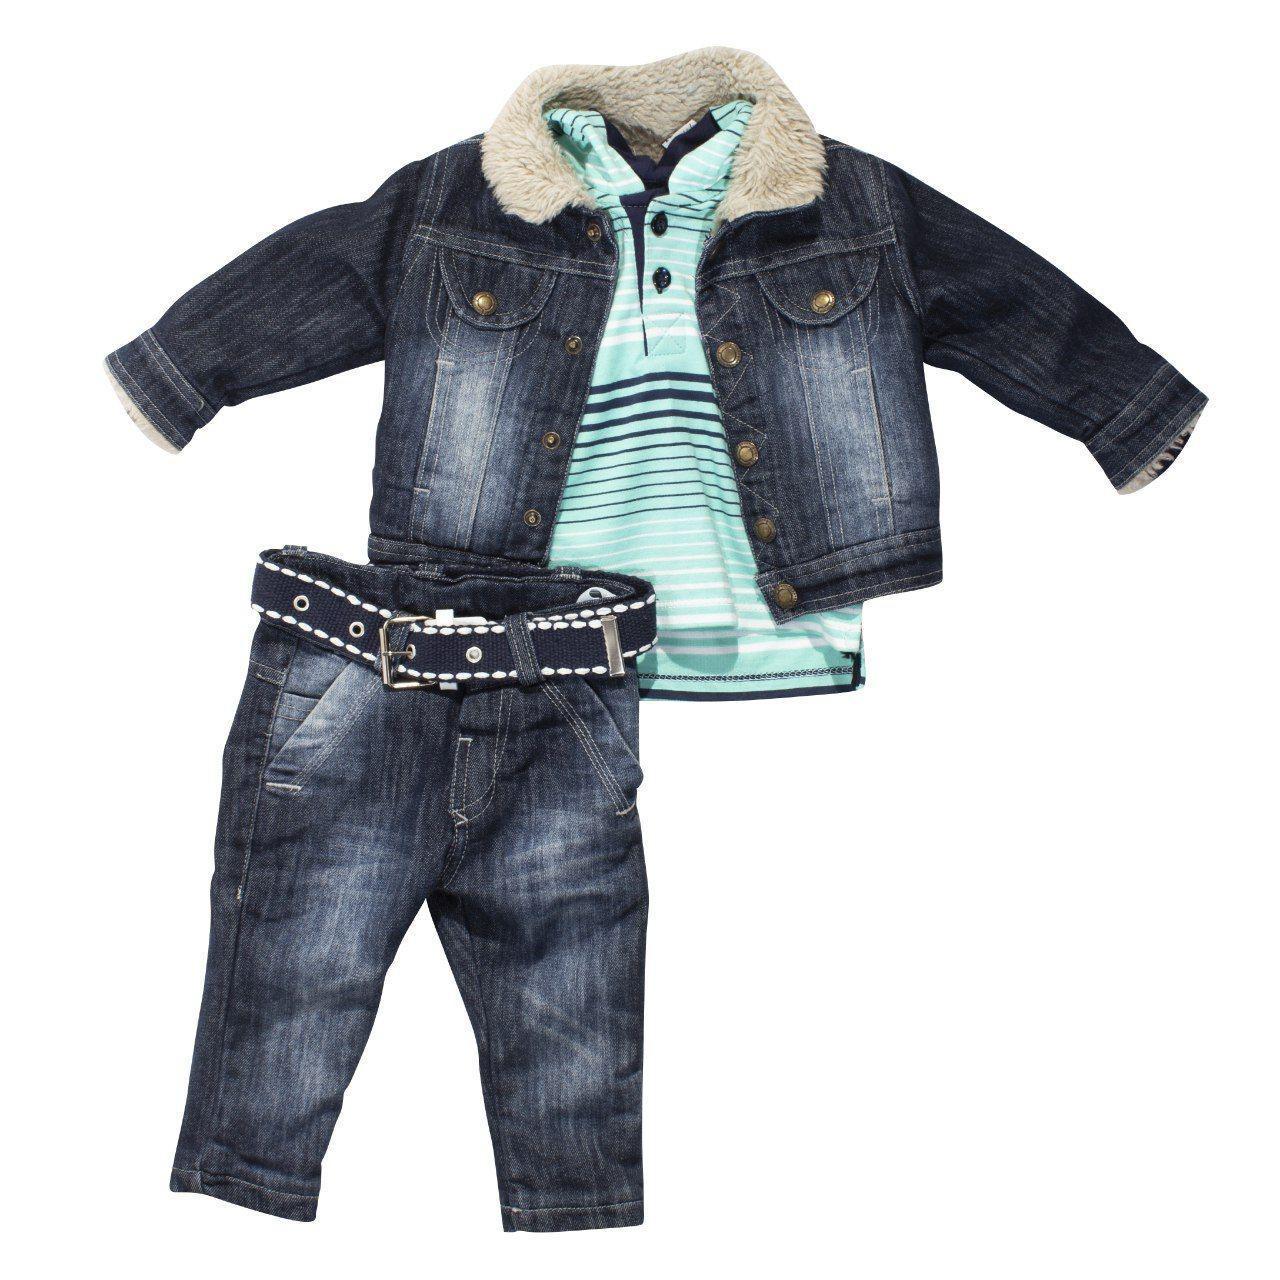 Джинсовый костюм - тройка для мальчика, 9, 12 мес.